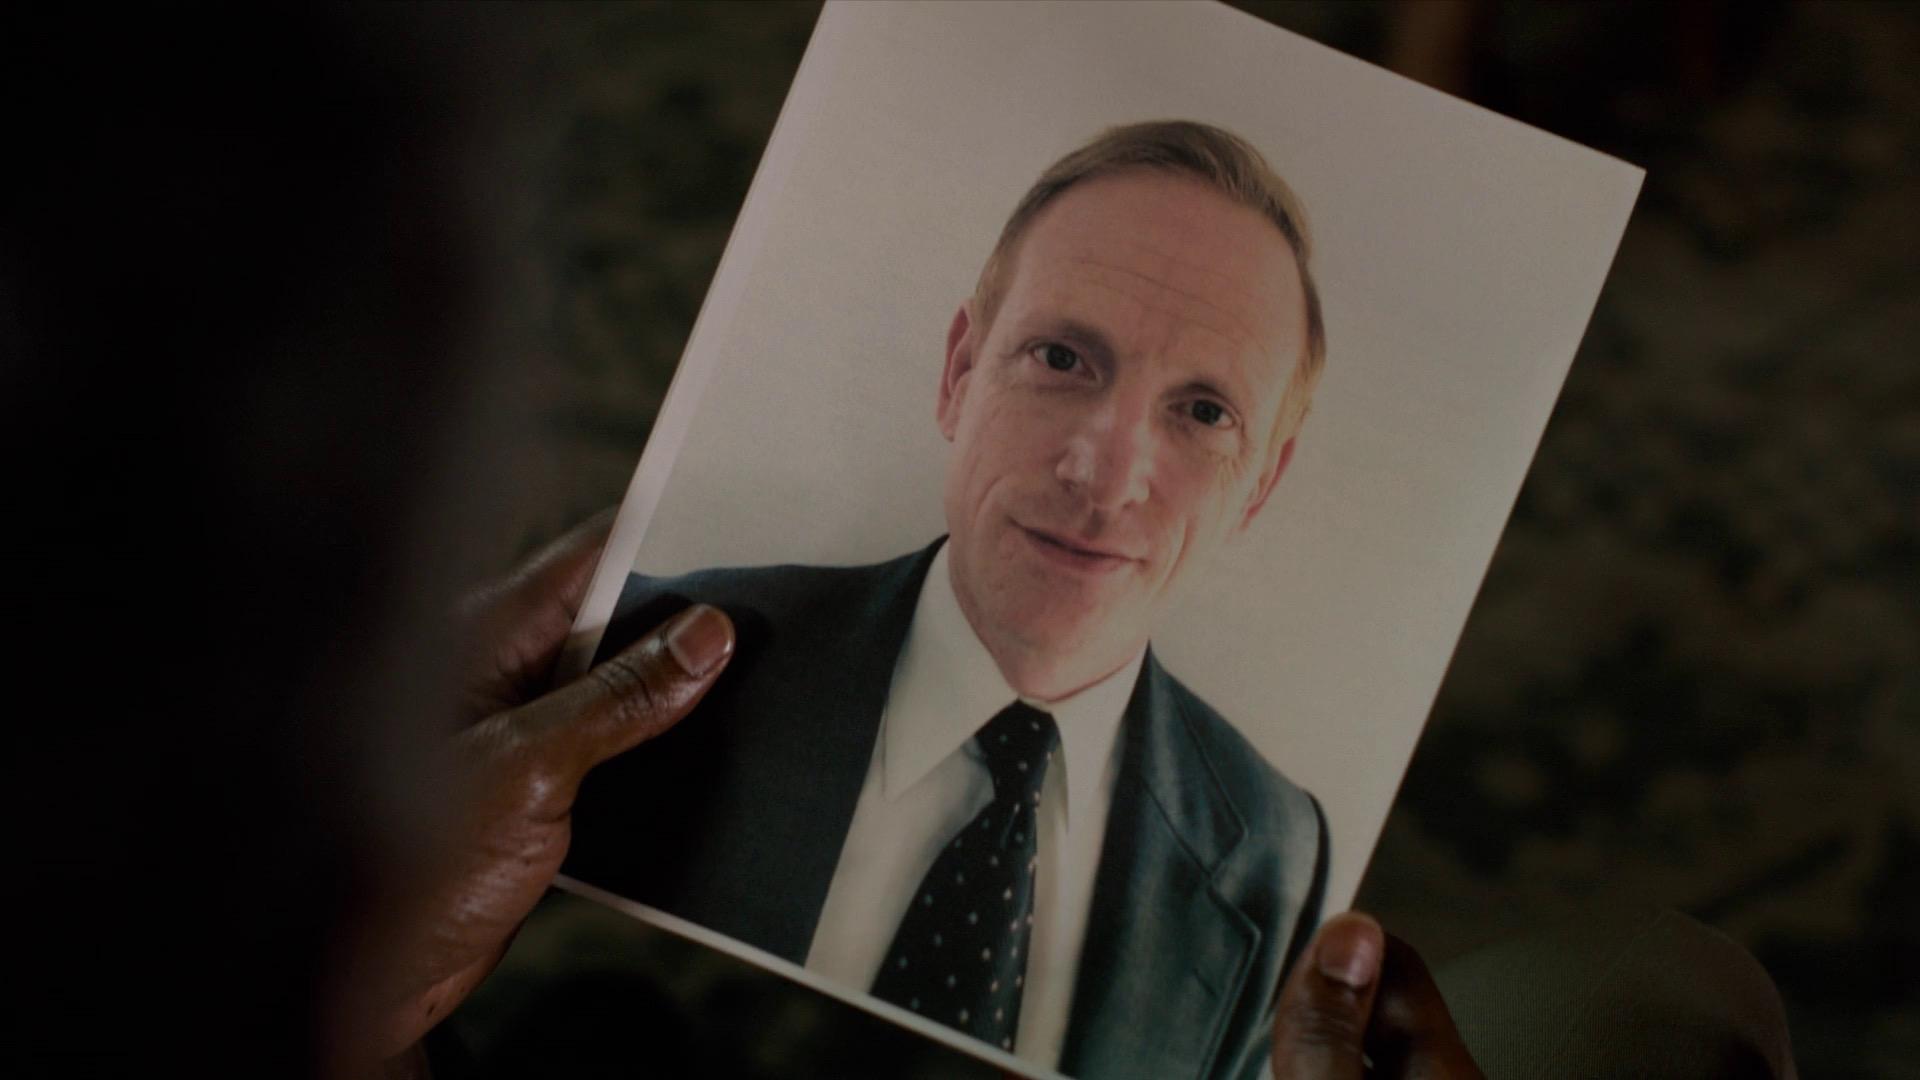 d807da993a73 True Detective season 3 ep 5 recap  clues